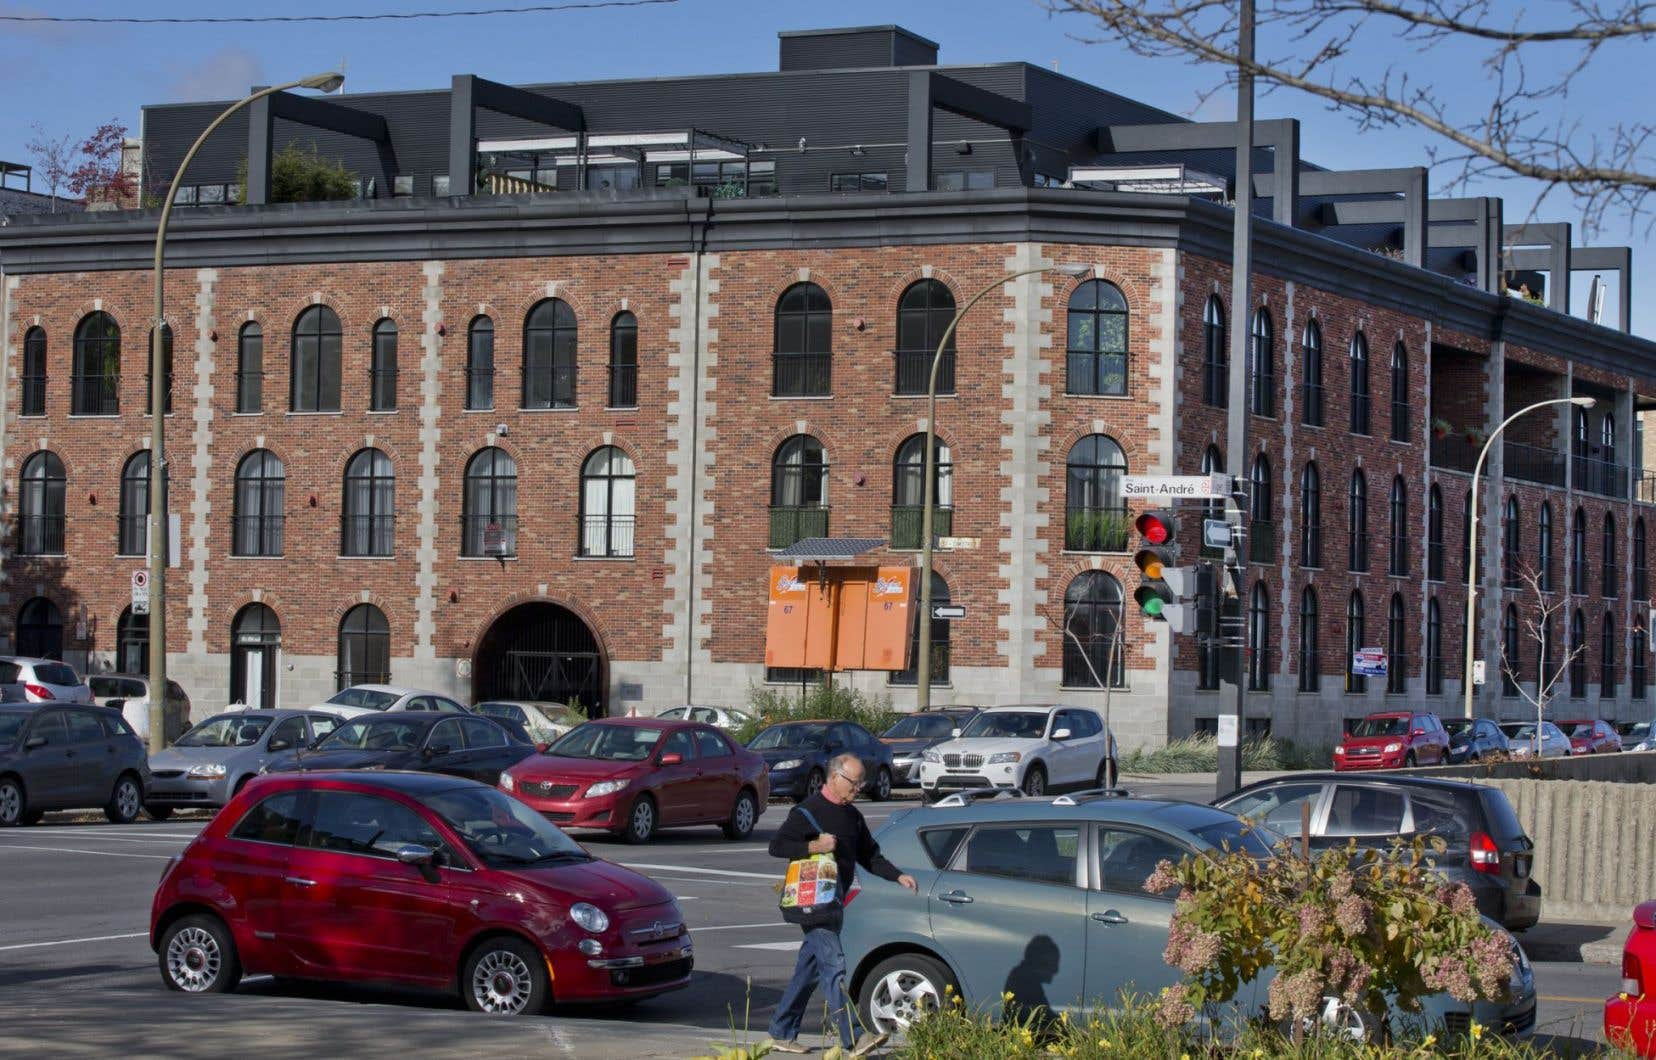 En 2005, le promoteur immobilier Mario Di Palma s'était porté acquéreur d'un immeuble de la rue Saint-Timothée, à l'angle de la rue Viger, dans l'arrondissement de Ville-Marie, avec l'intention d'y construire des condos.